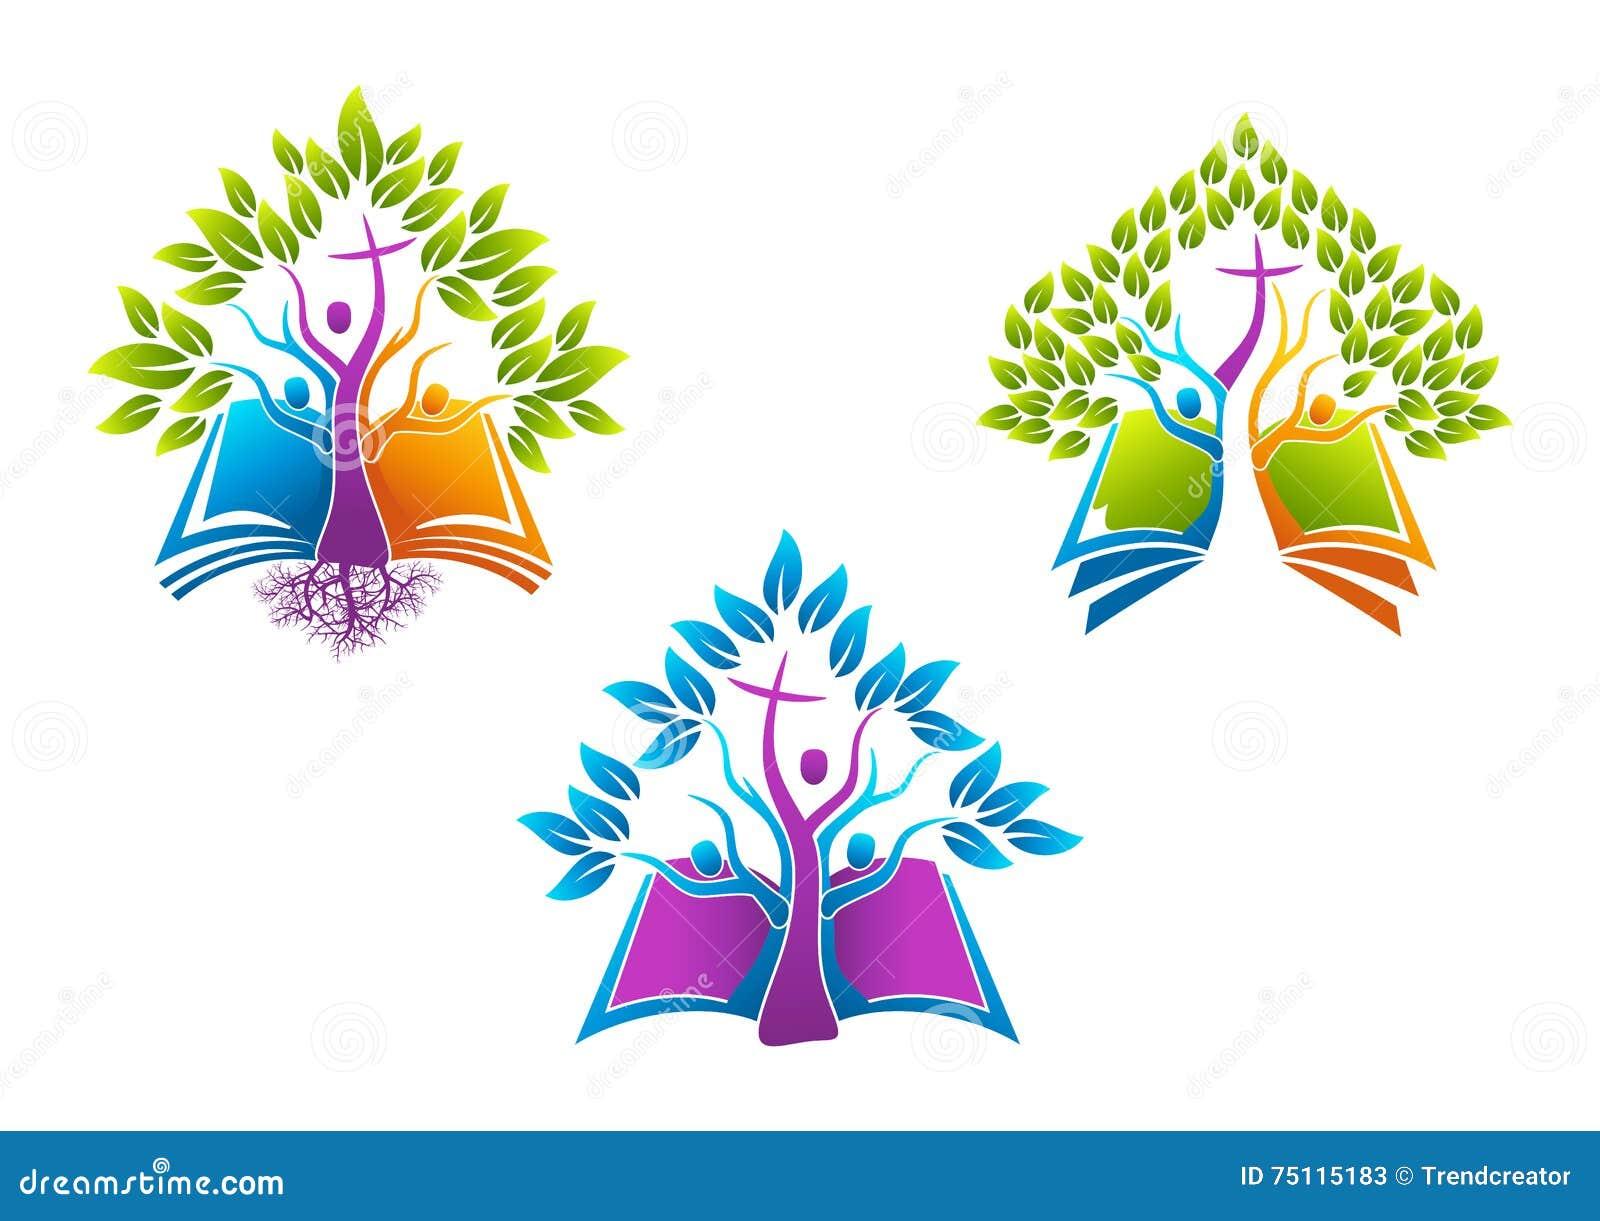 Χριστιανικό λογότυπο δέντρων Βίβλων, ιερή οικογένεια πνευμάτων εικονιδίων ρίζας βιβλίων, διανυσματικό σχέδιο συμβόλων εκκλησιών α